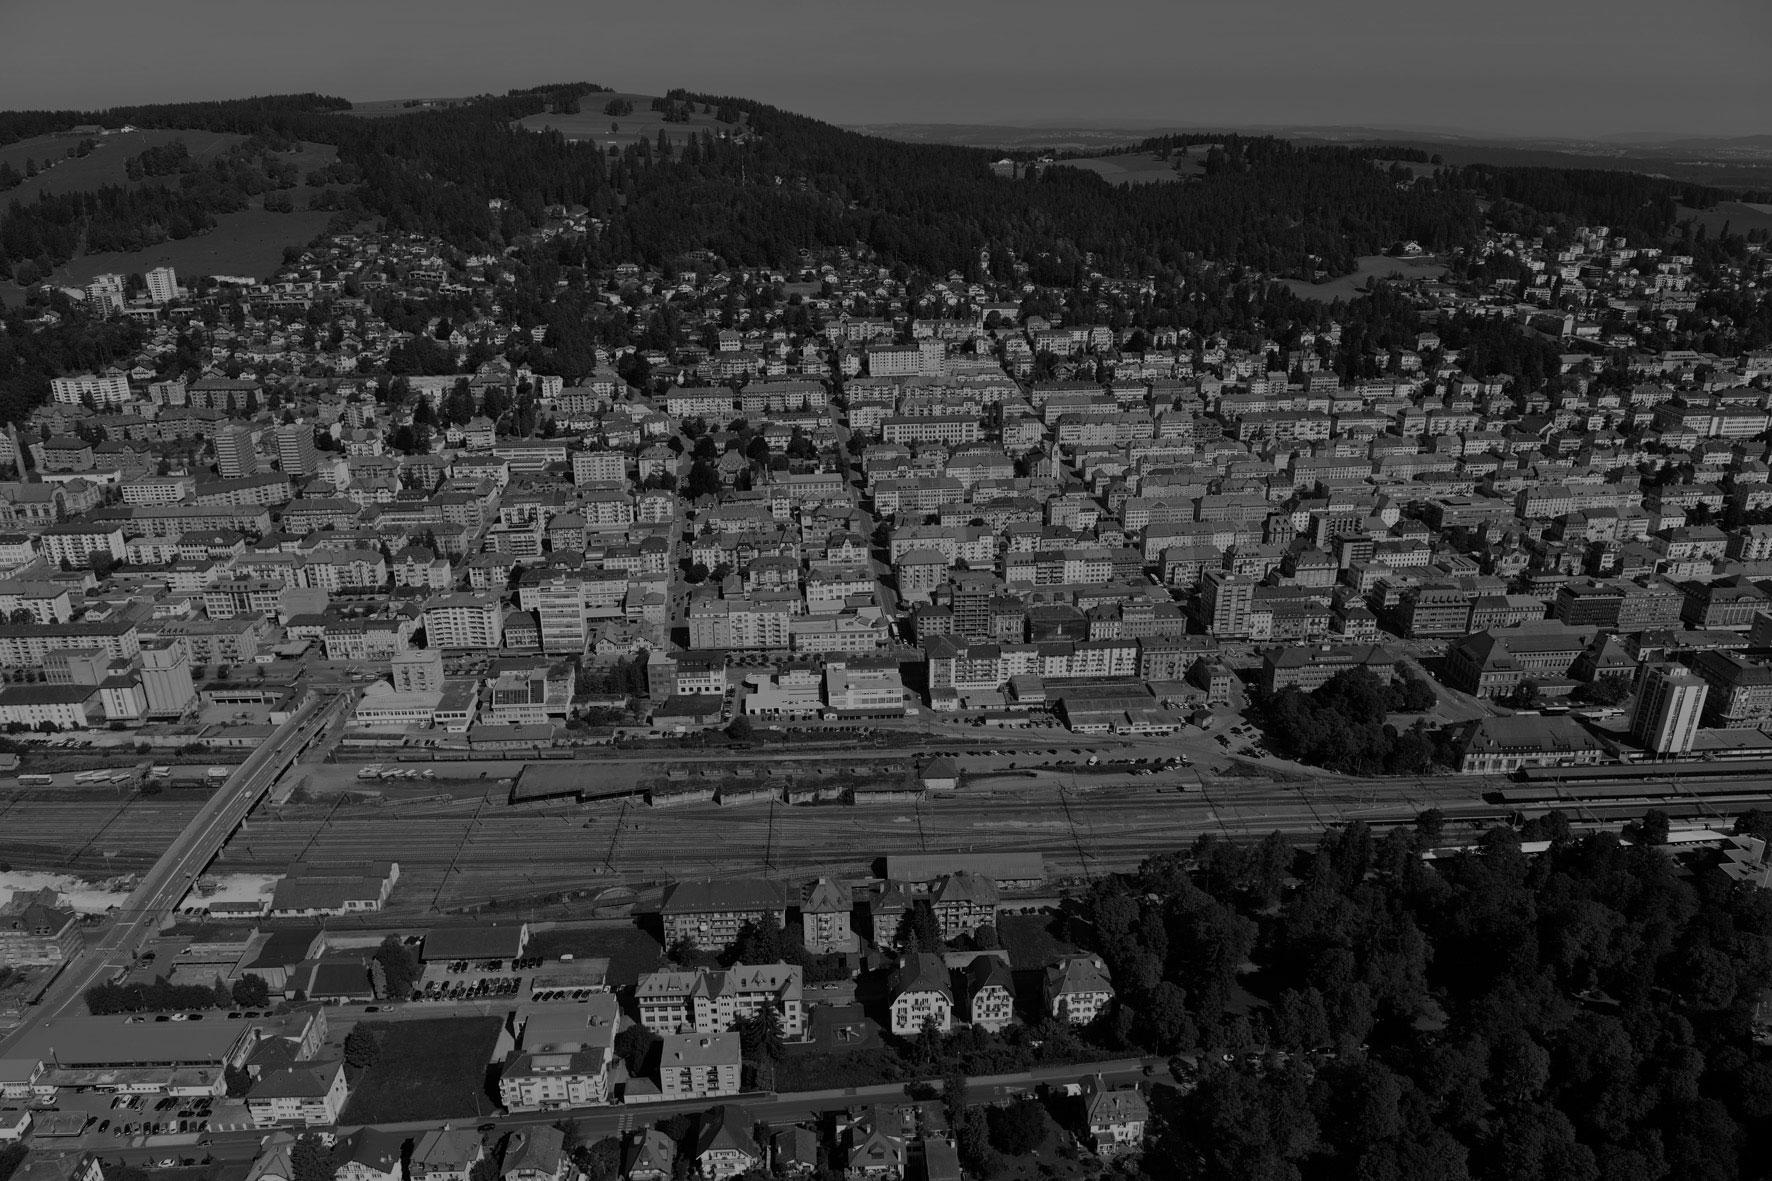 © Ville de La Chaux-de-Fonds, A. Henchoz